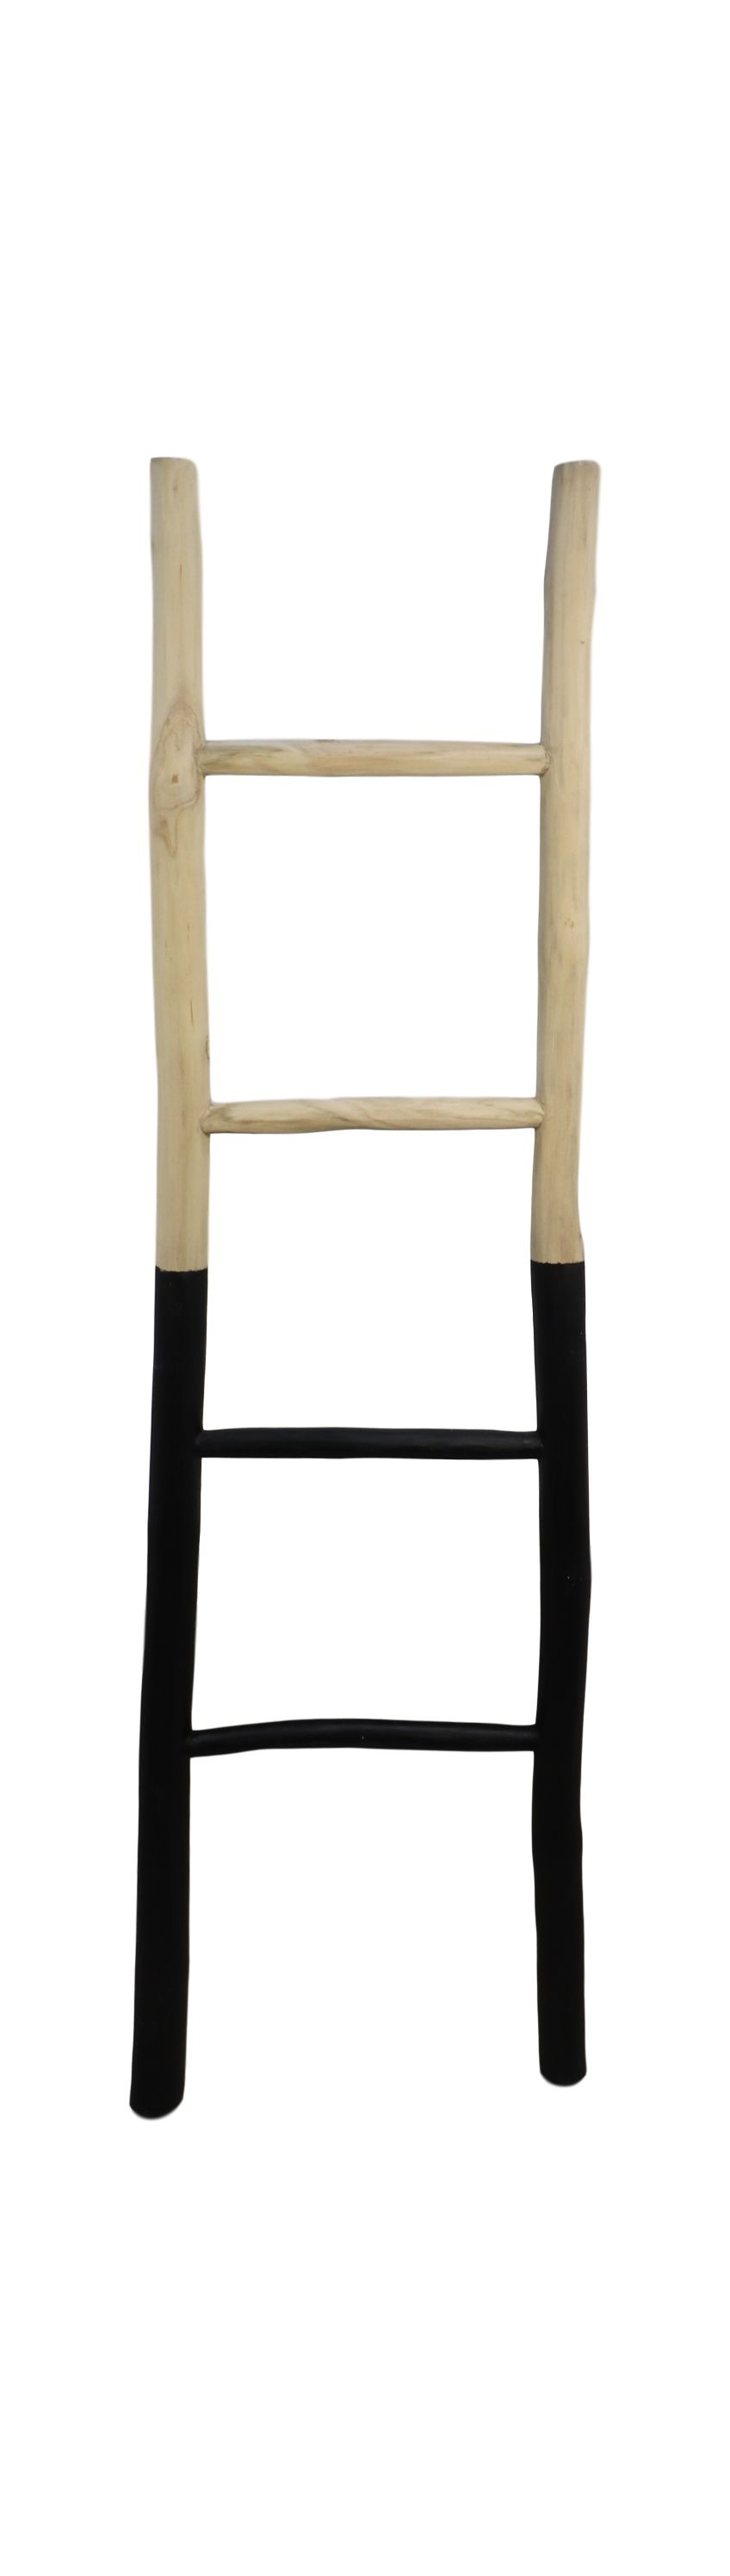 Decoratieve ladder - 45x4x150 - Naturel/zwart - Teak